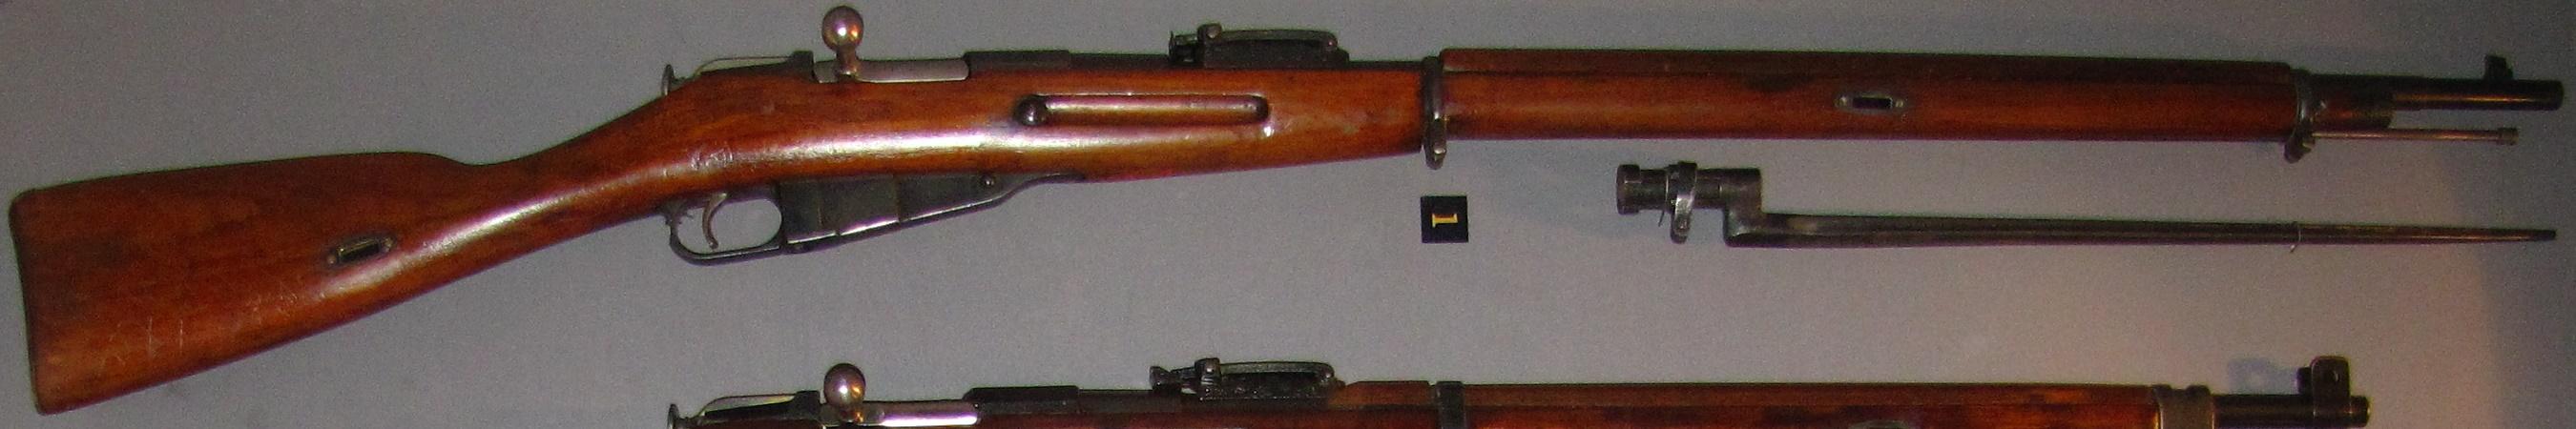 штыки винтовок мосина и берданы фото вот